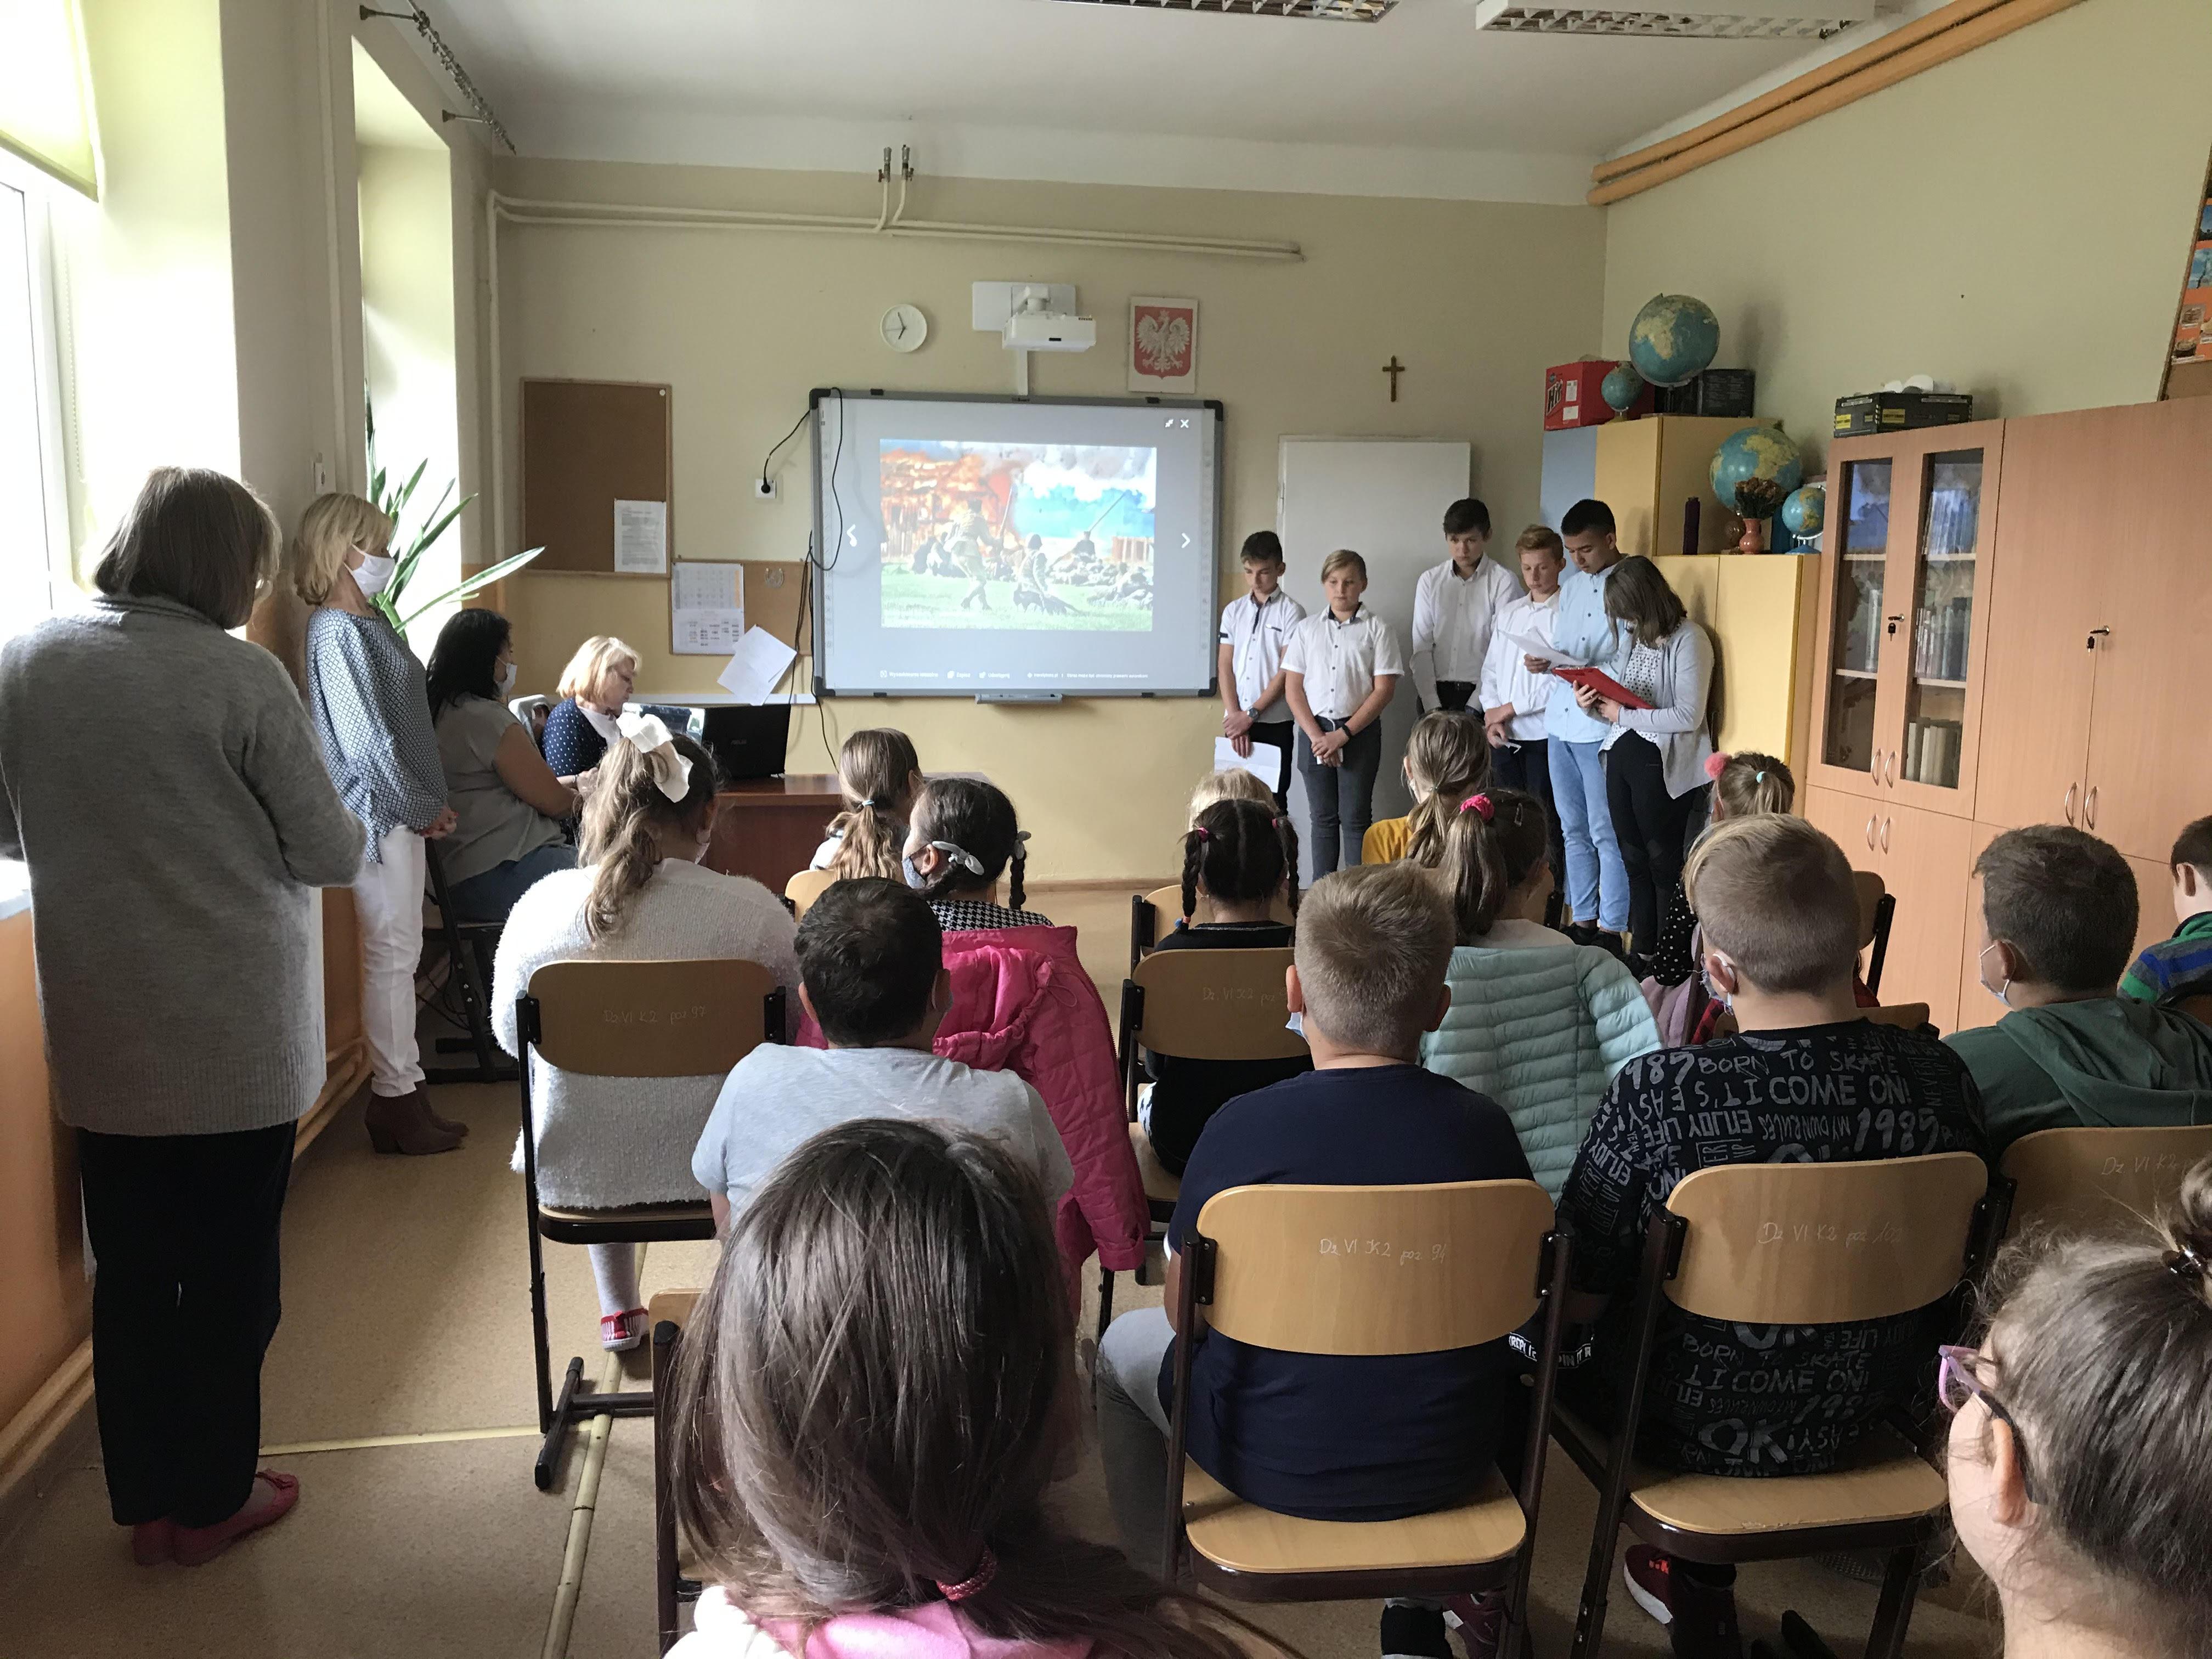 [ZDJĘCIA] Szkoła Podstawowa we Wroczynach świętuje! To ważna uroczystość  - Zdjęcie główne